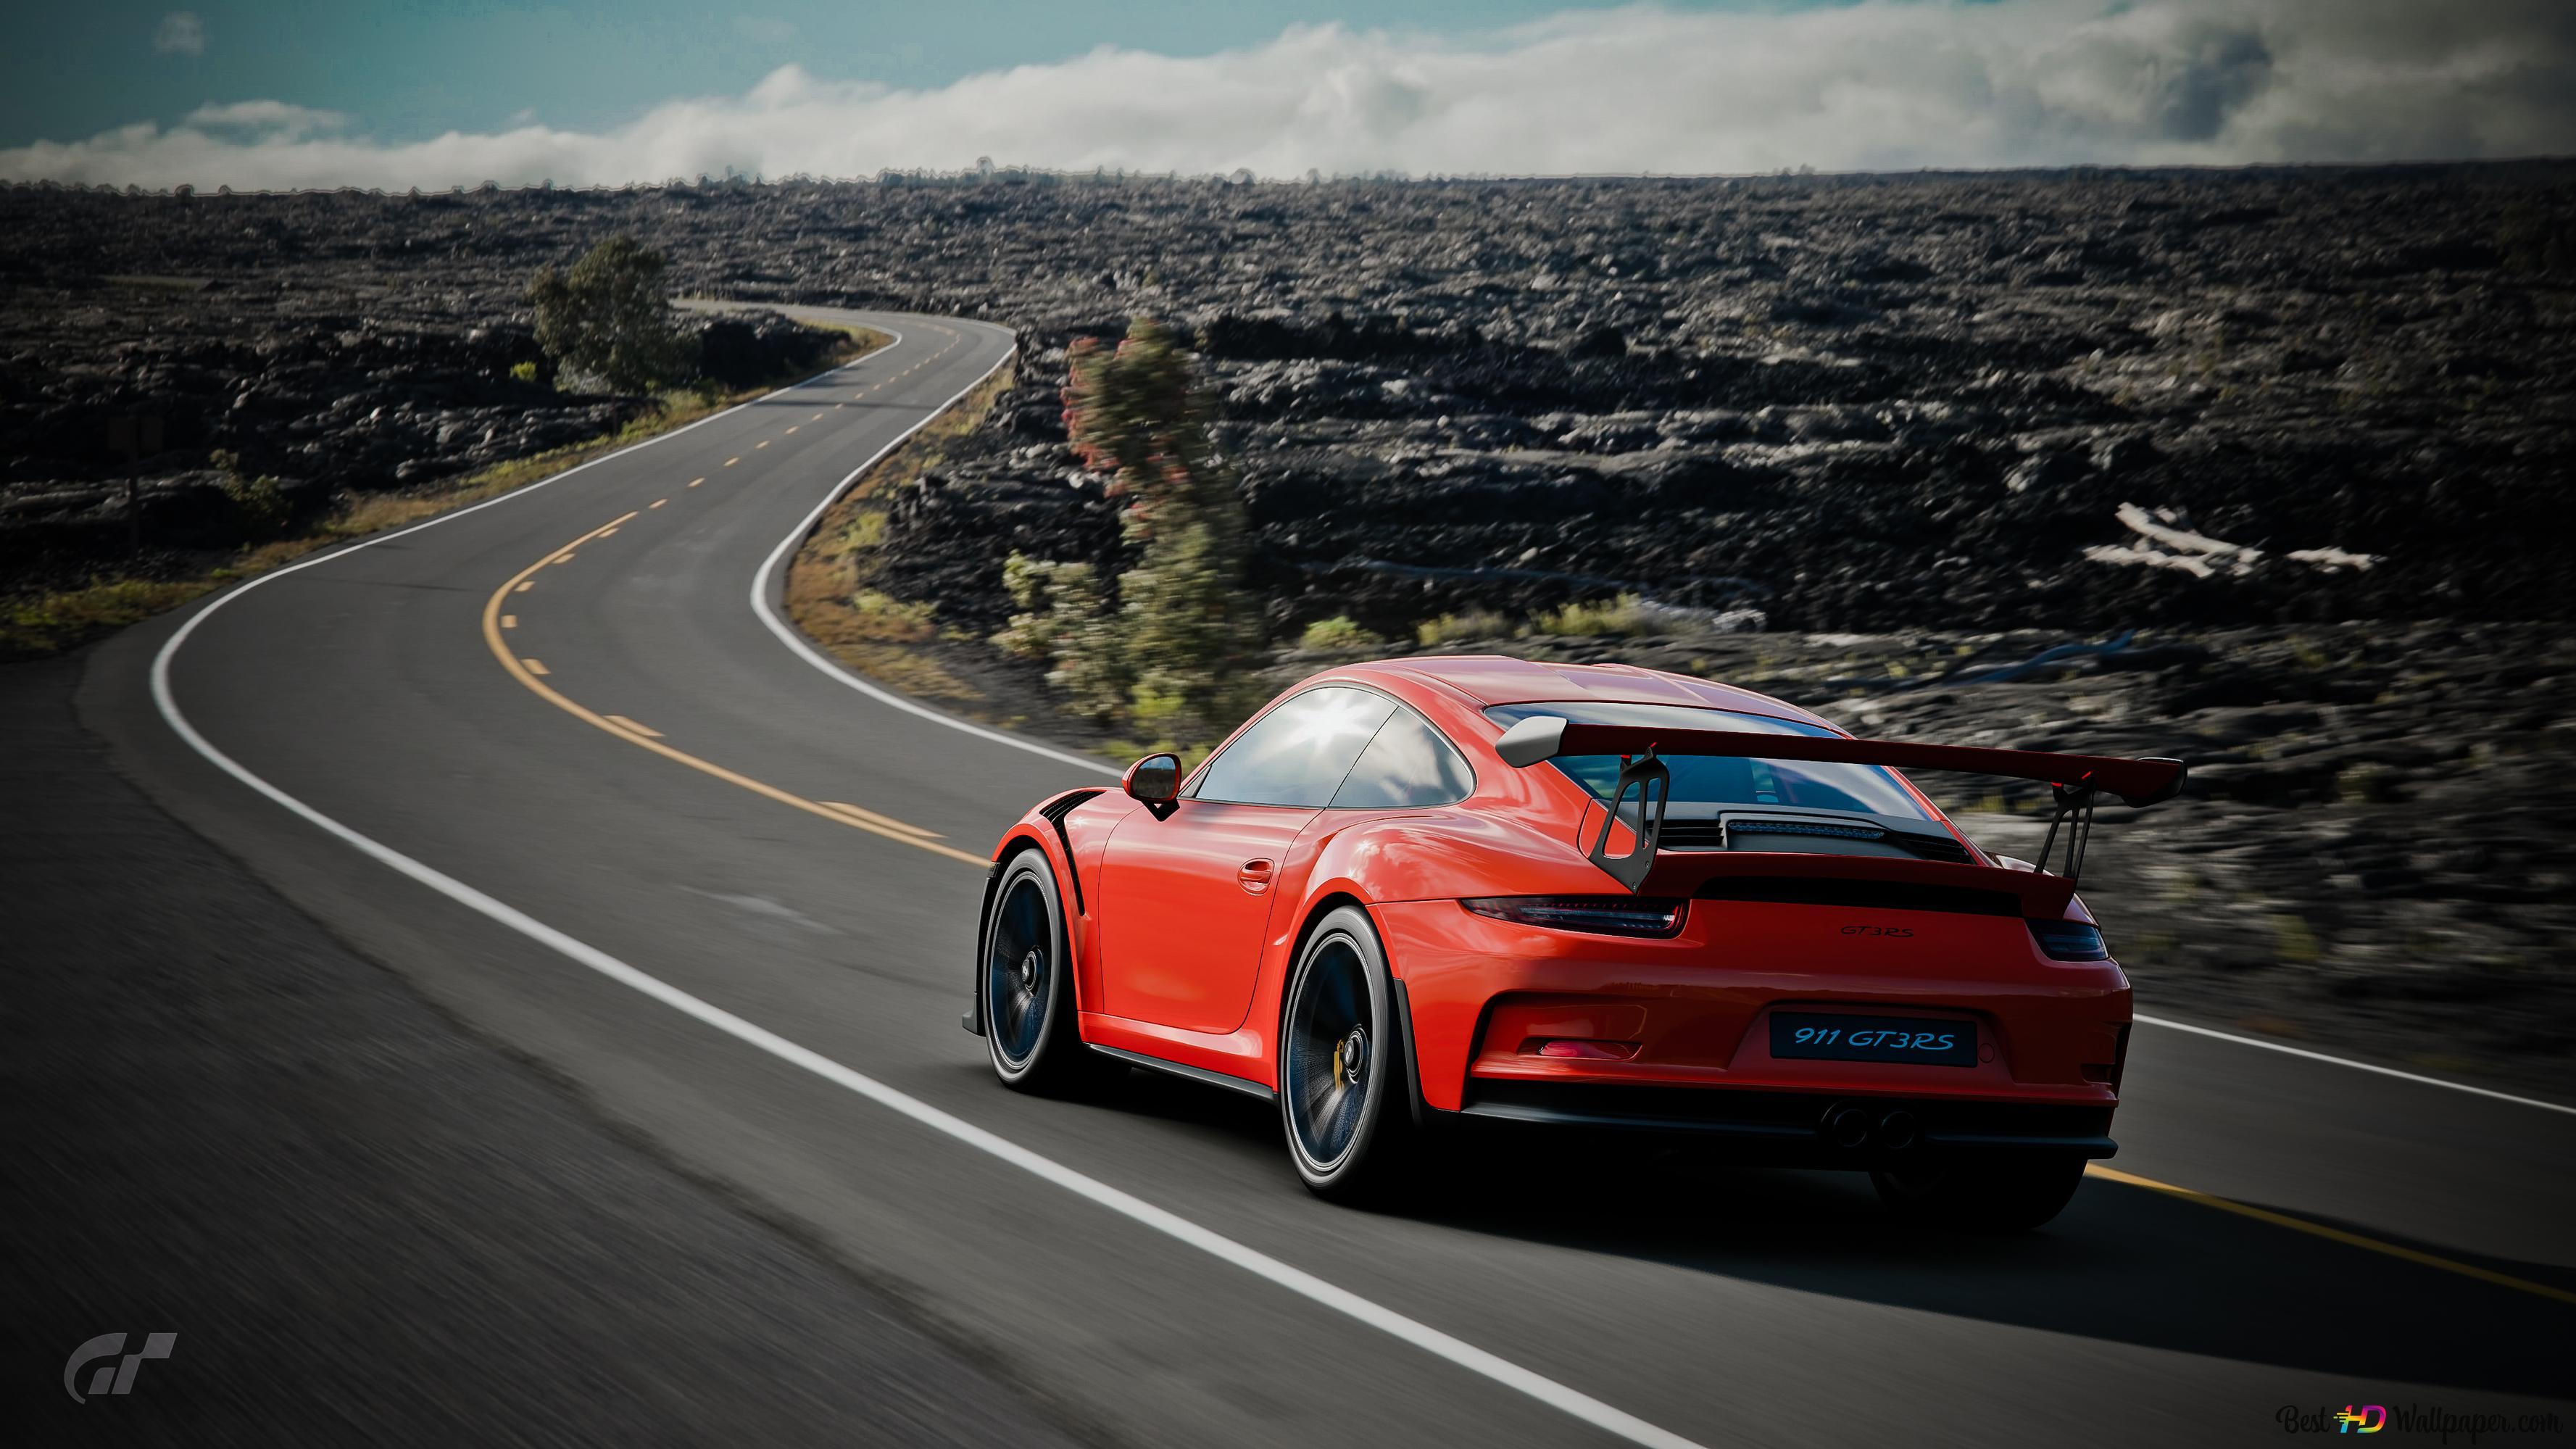 Gran Turismo Sport Porsche 911 Gt3 Rs Unduhan Wallpaper Hd